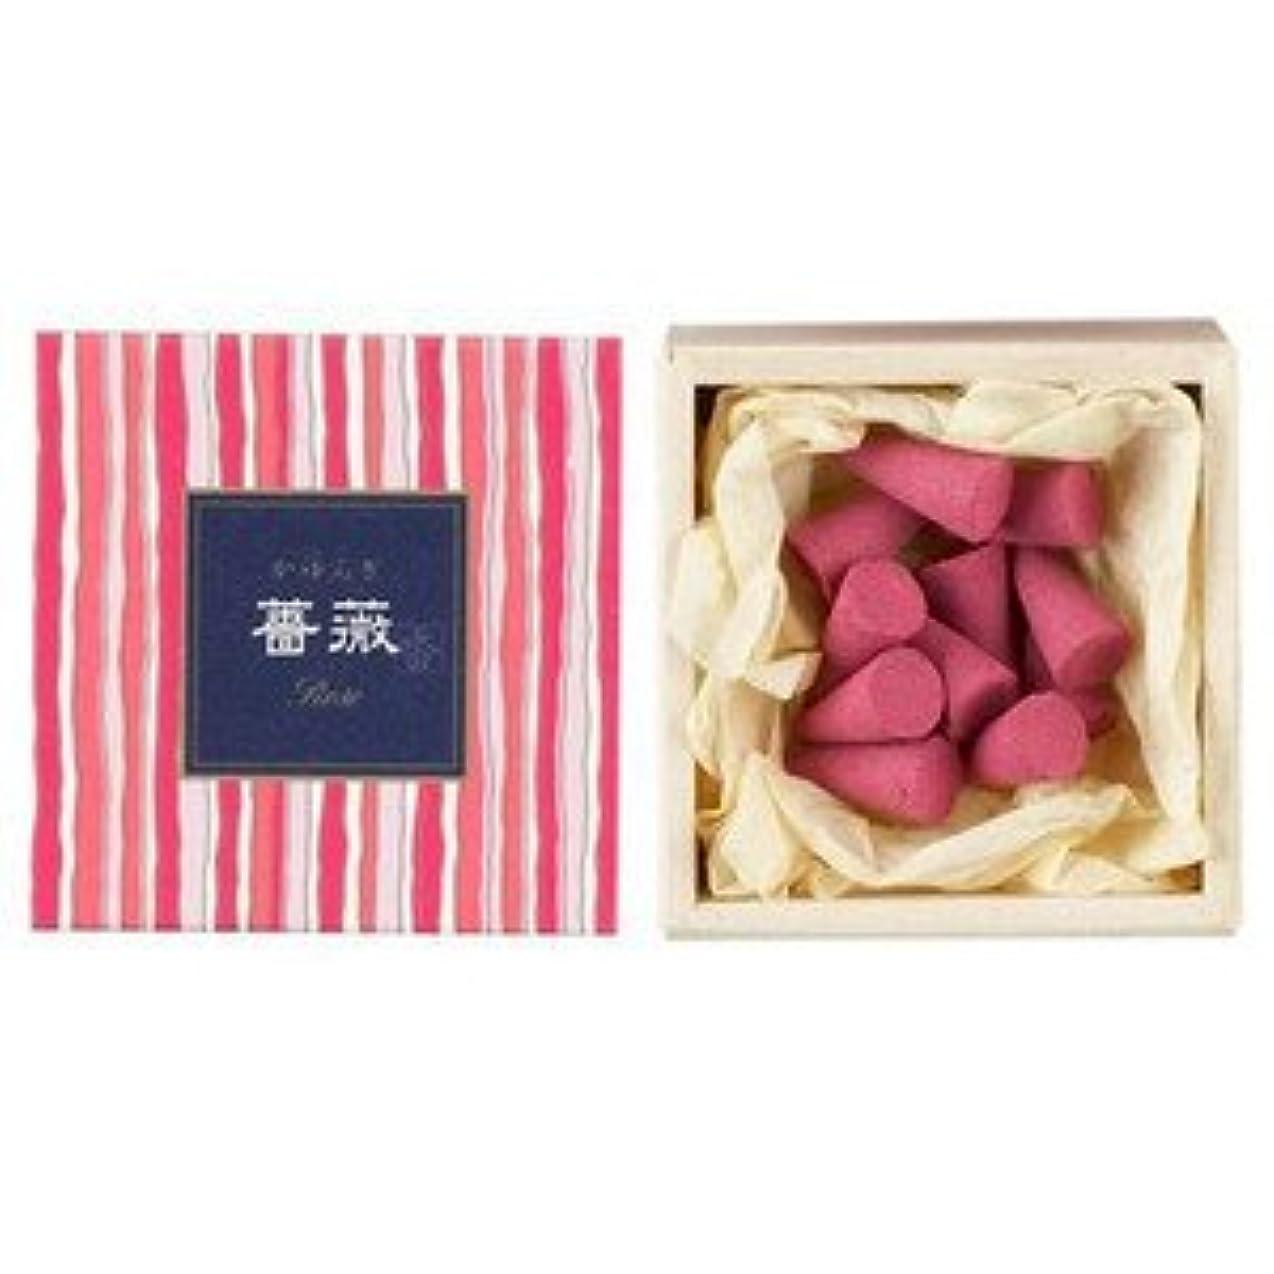 熟練した防止苦難日本香堂 かゆらぎコーン 薔薇